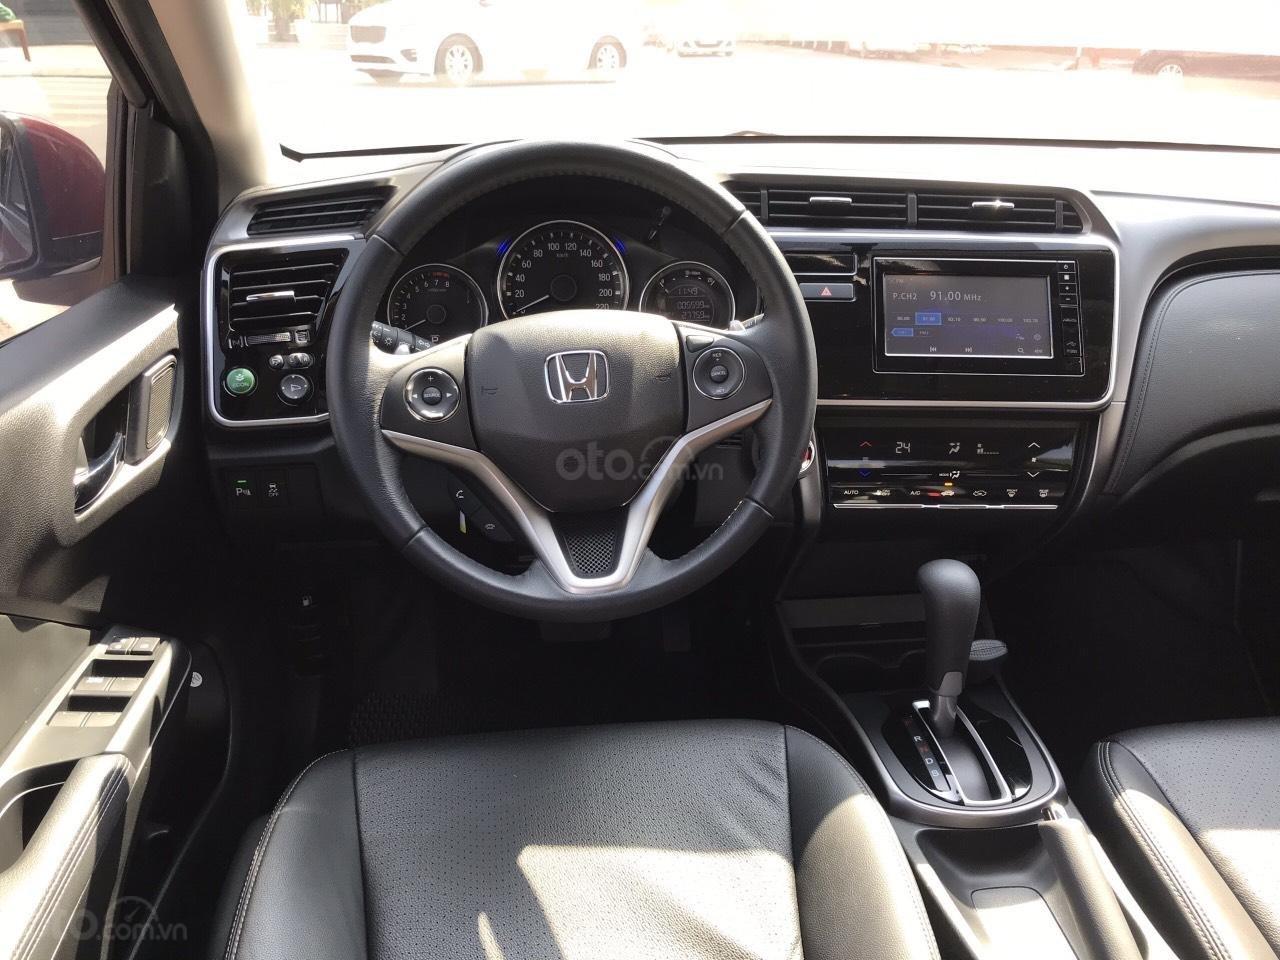 Bán gấp với giá ưu đãi chiếc Honda City Top 1.5 AT 2019 (9)